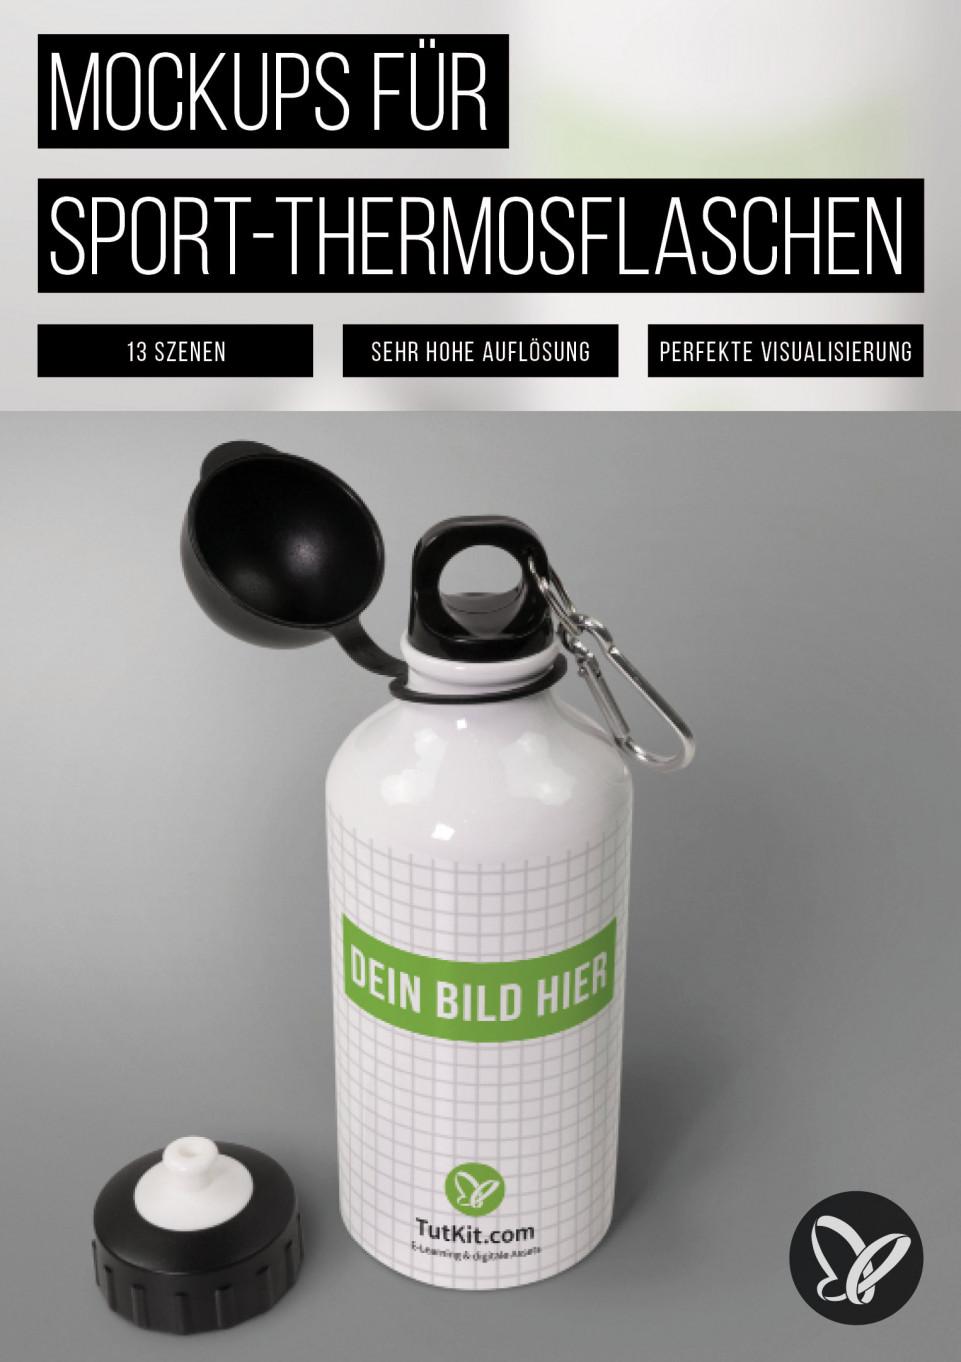 Mockups für Sport-Thermosflaschen, Isolierflaschen